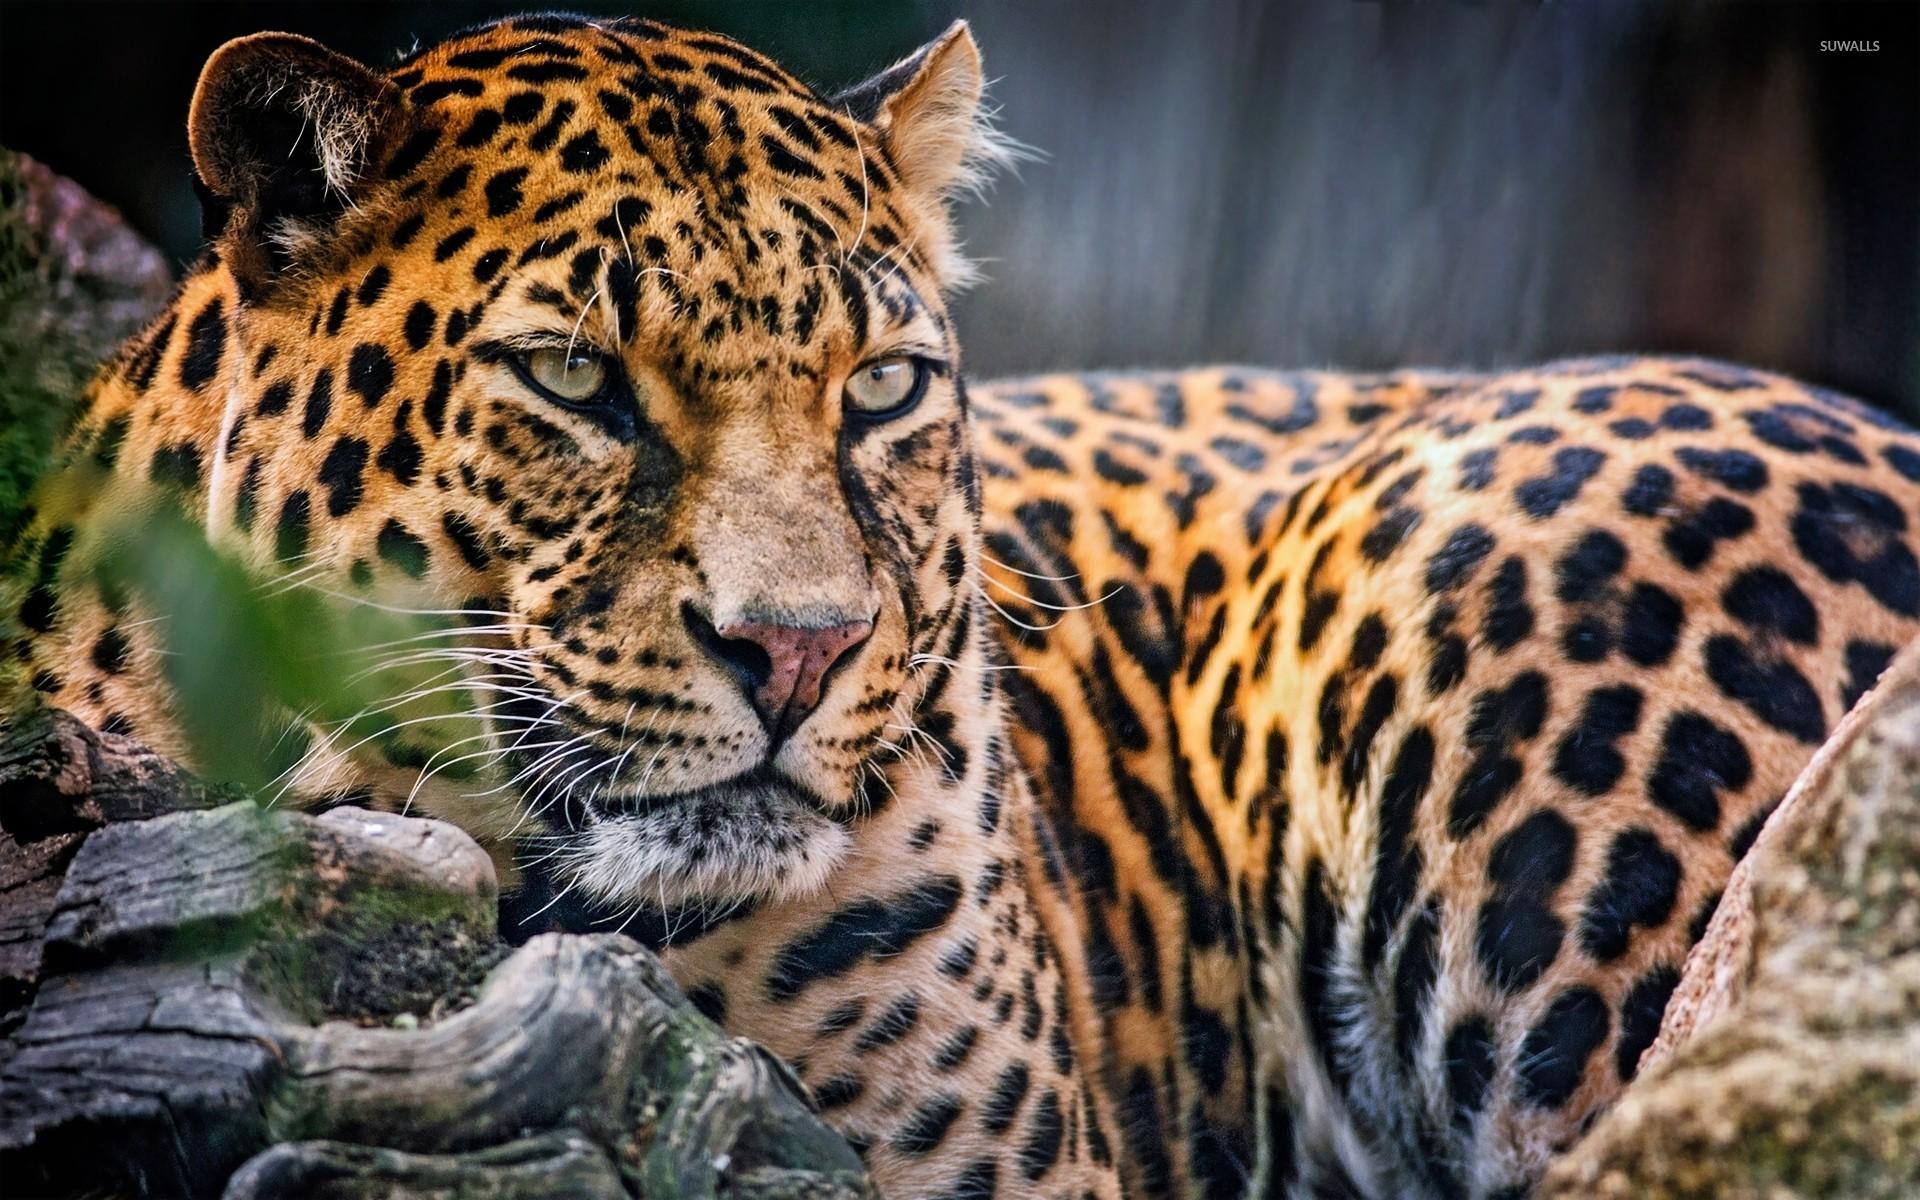 leopard wildlife wallpapers 41 wallpapers � wallpapers 4k